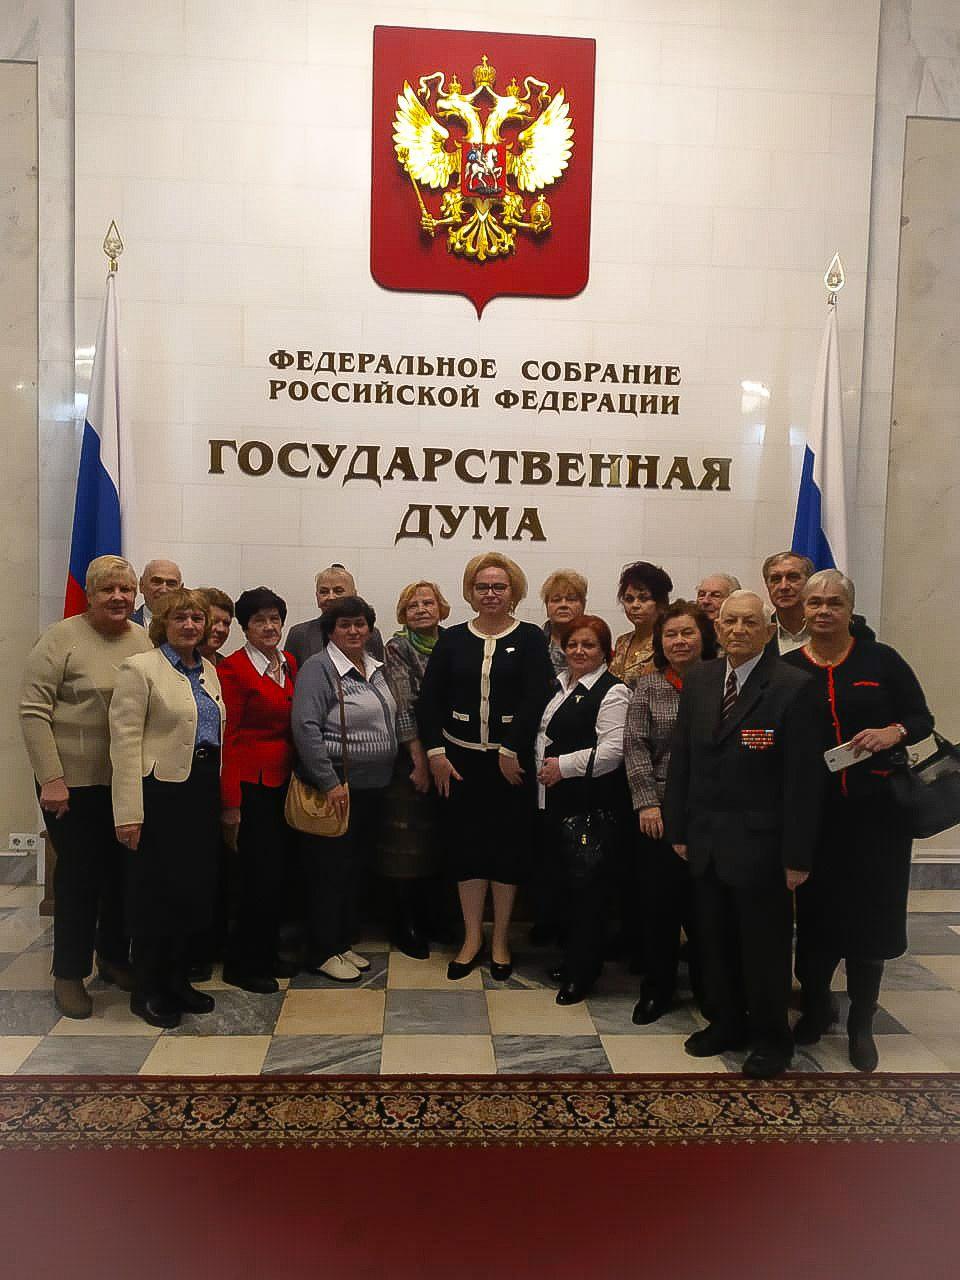 Любовь Духанина организовала экскурсию в Государственную Думу для ветеранов Южного округа